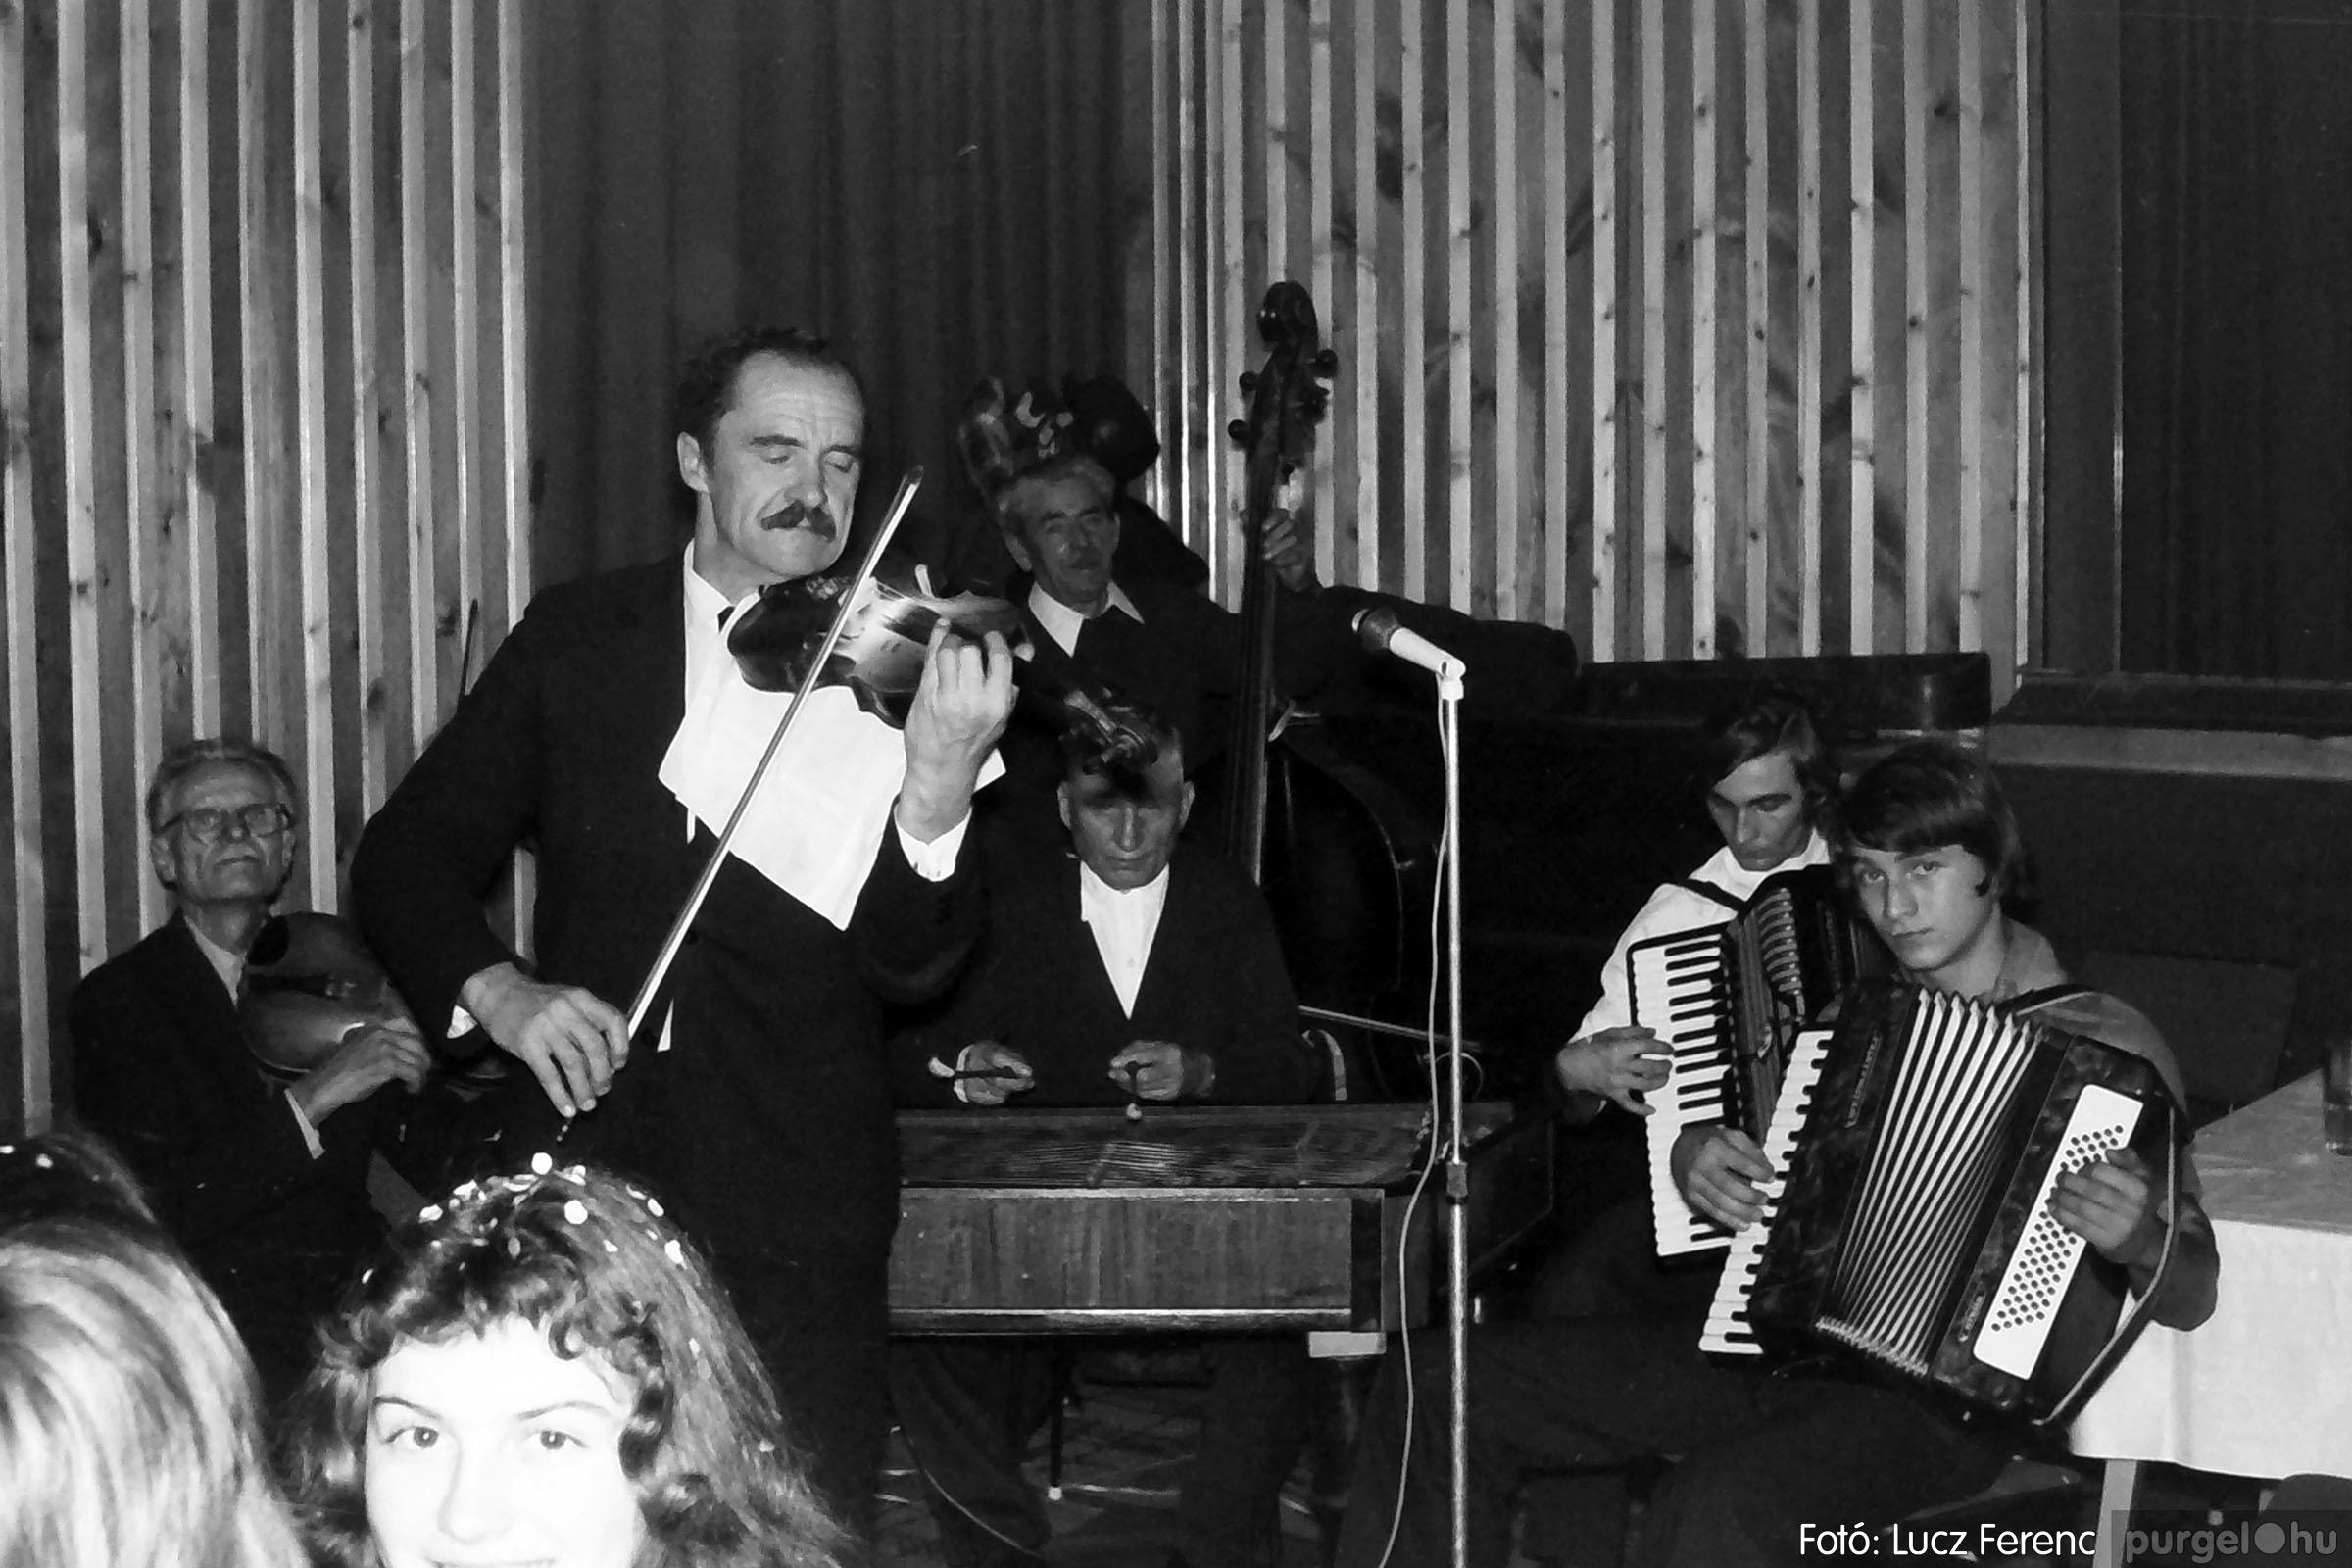 030. 1975.12.31. Szilveszter a kultúrházban 010 - Fotó: Lucz Ferenc.jpg